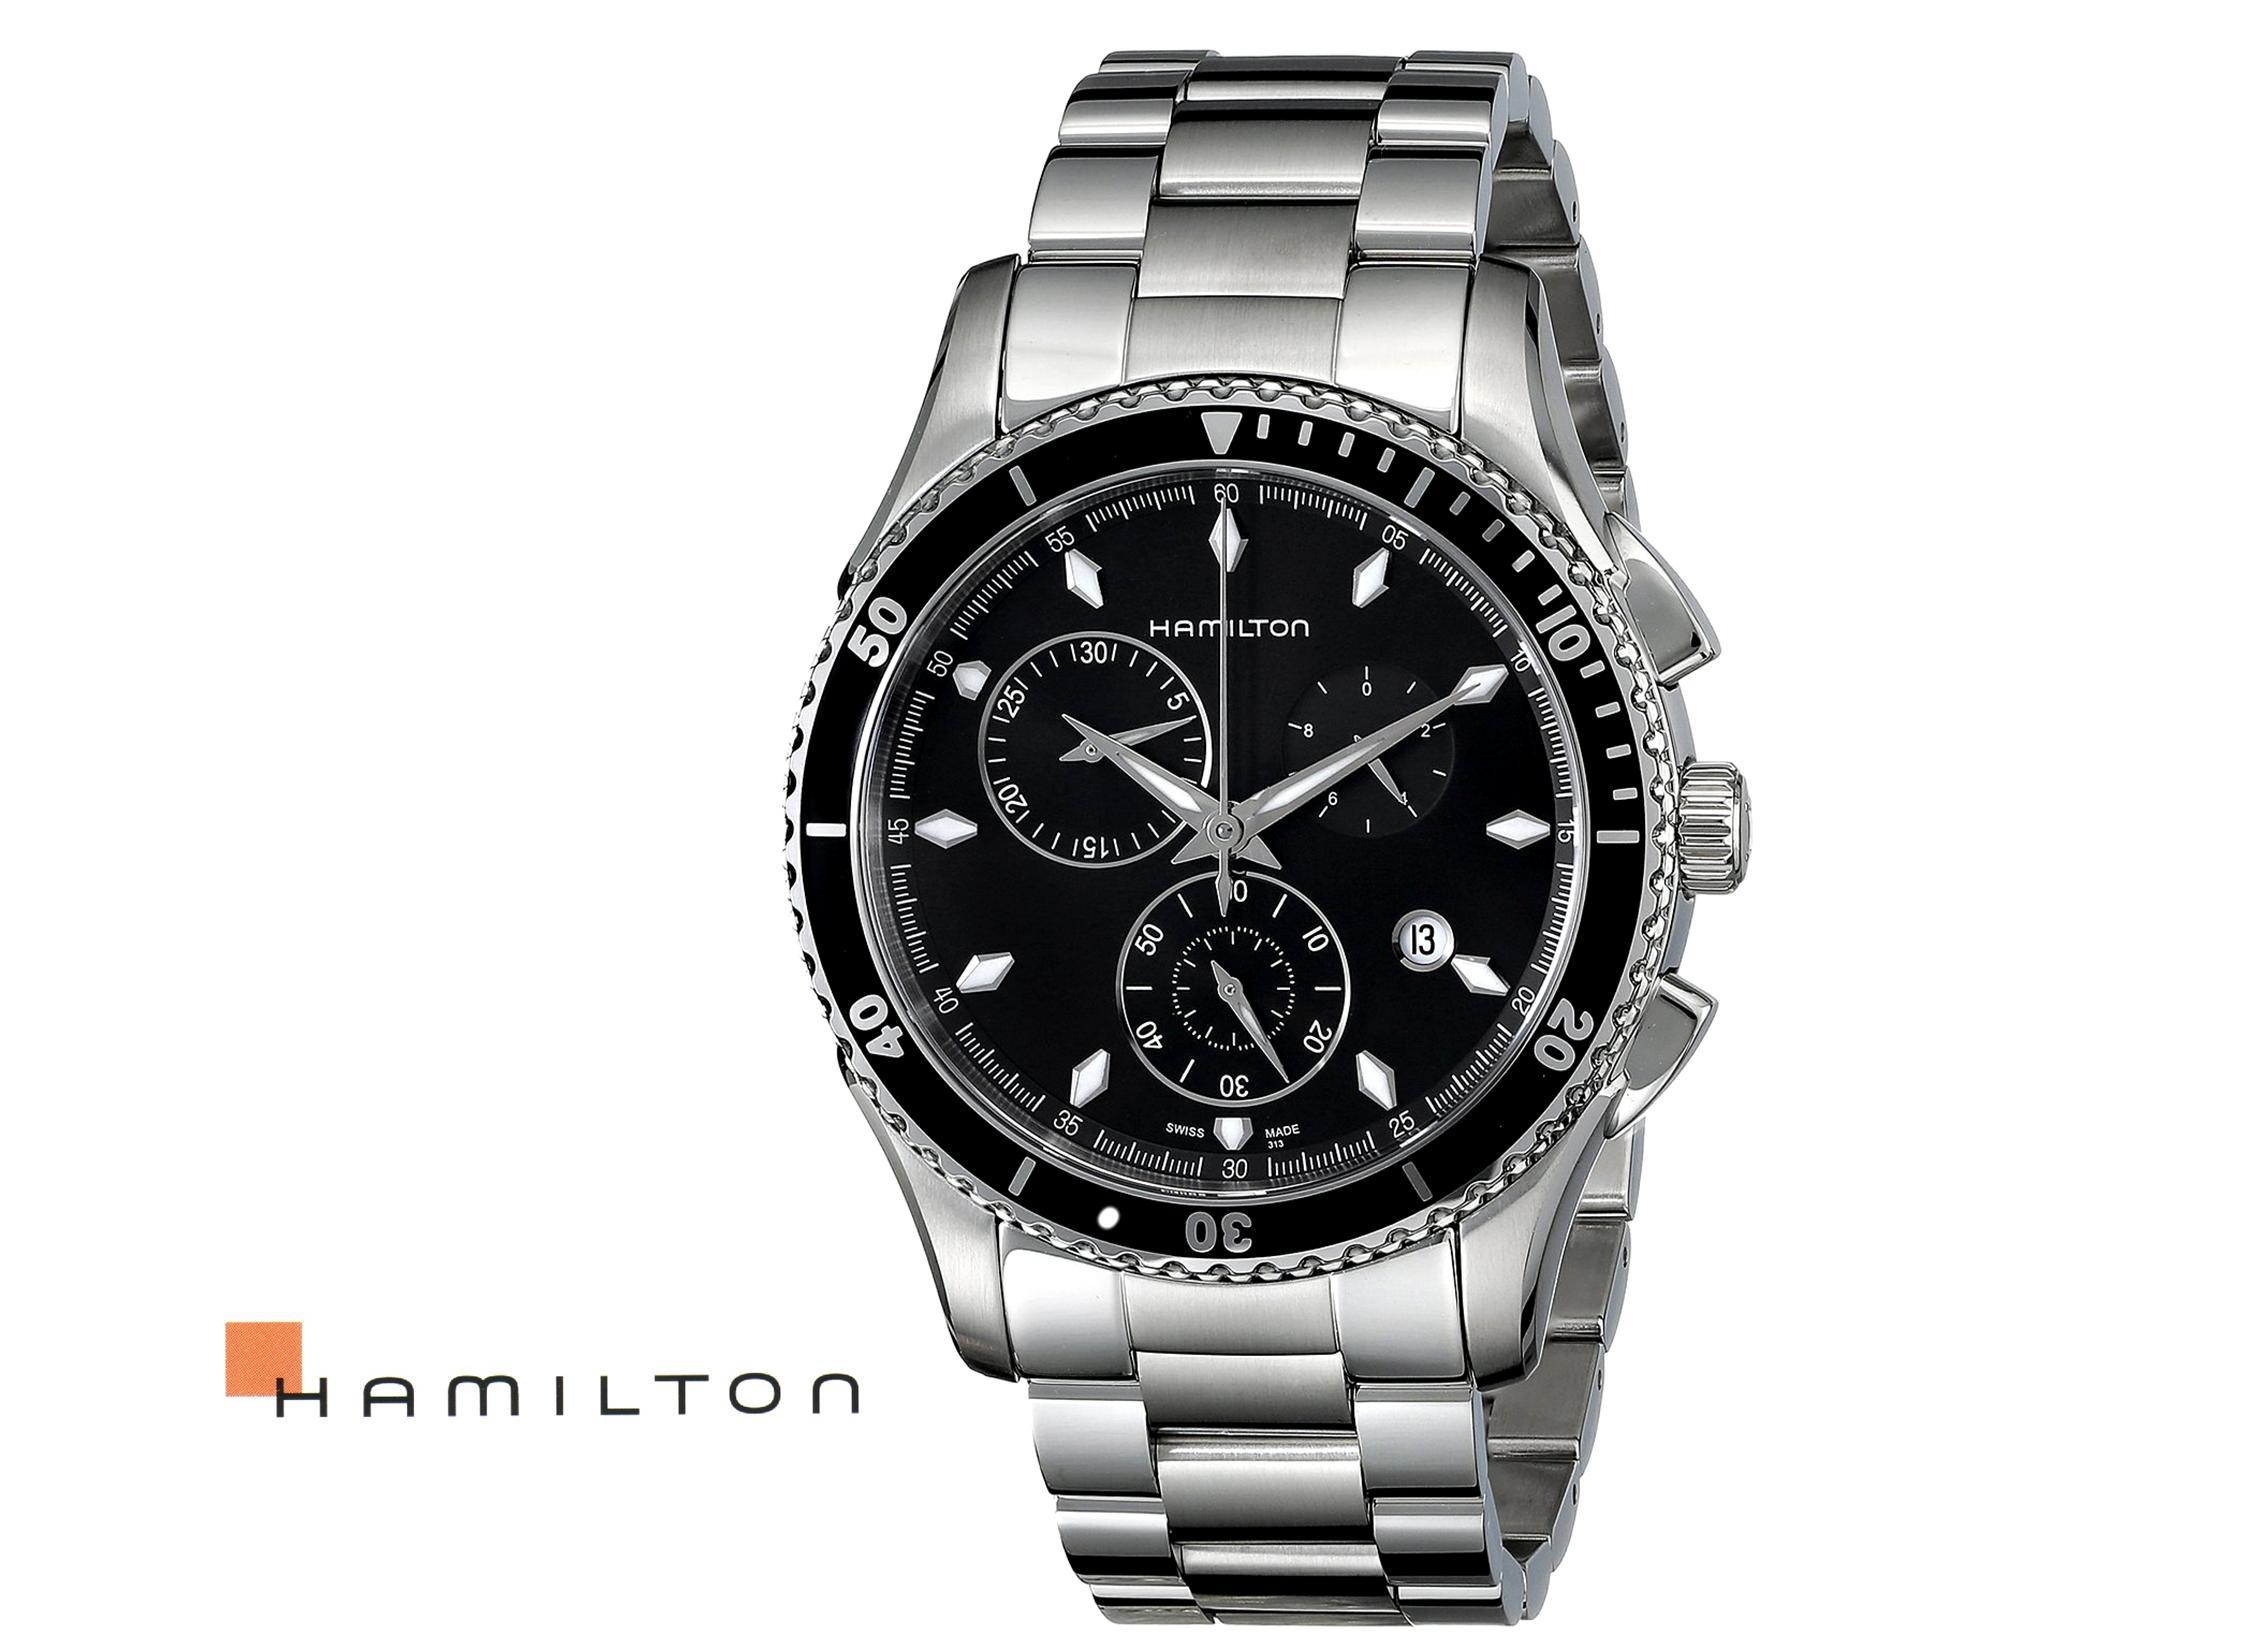 prezzo competitivo 6df0c 668bf HAMILTON - Cronografo in acciaio